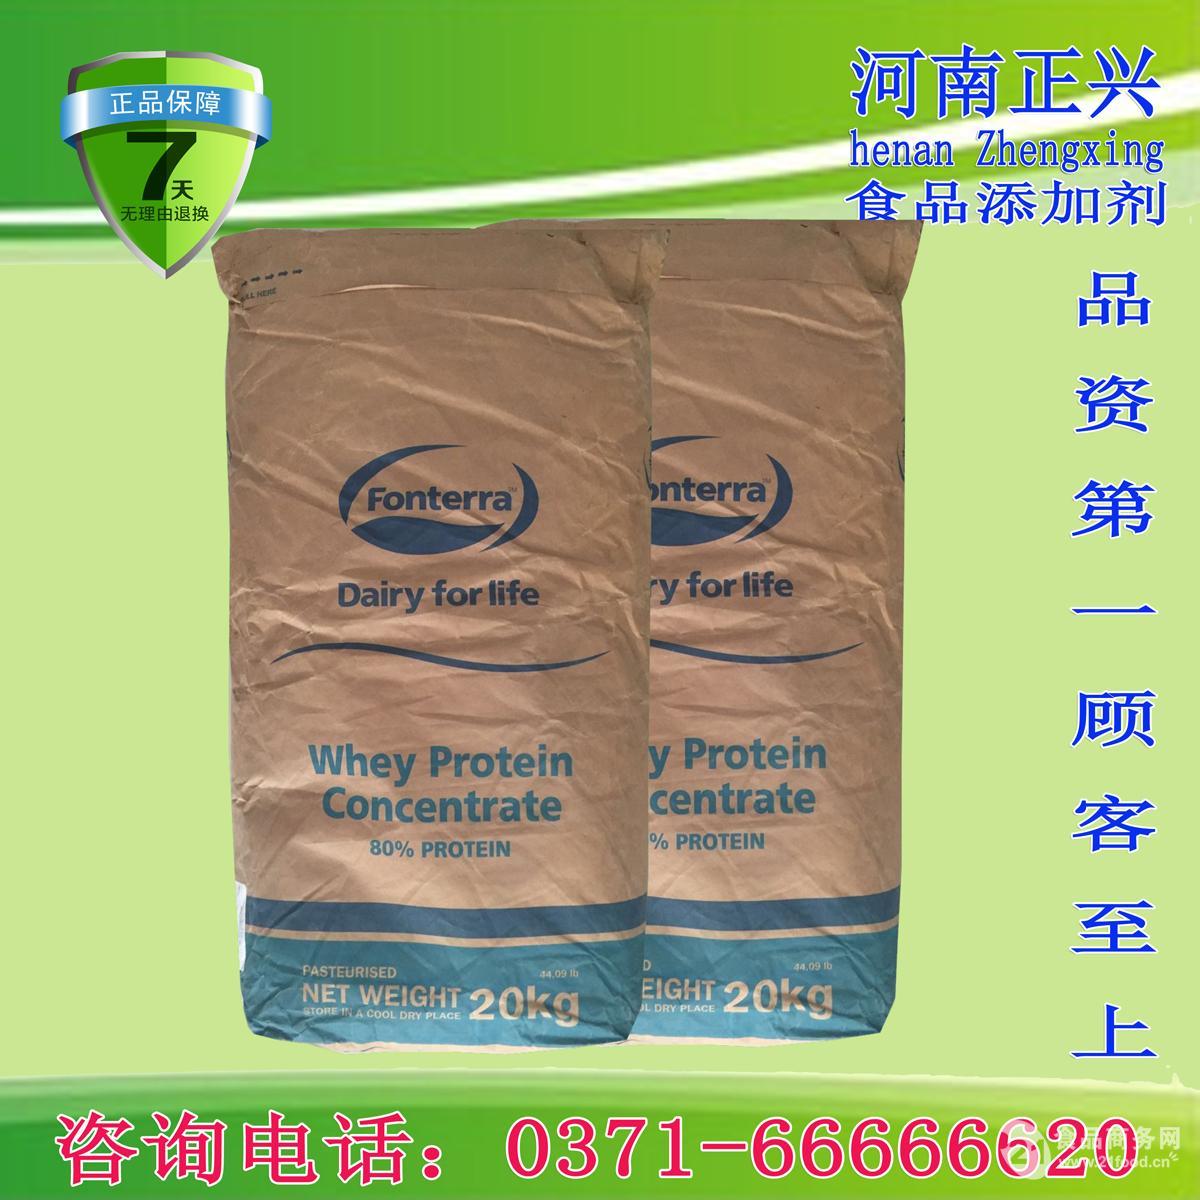 专业供应 浓缩乳清蛋白 乳清蛋白粉 乳清蛋白 80% 健身